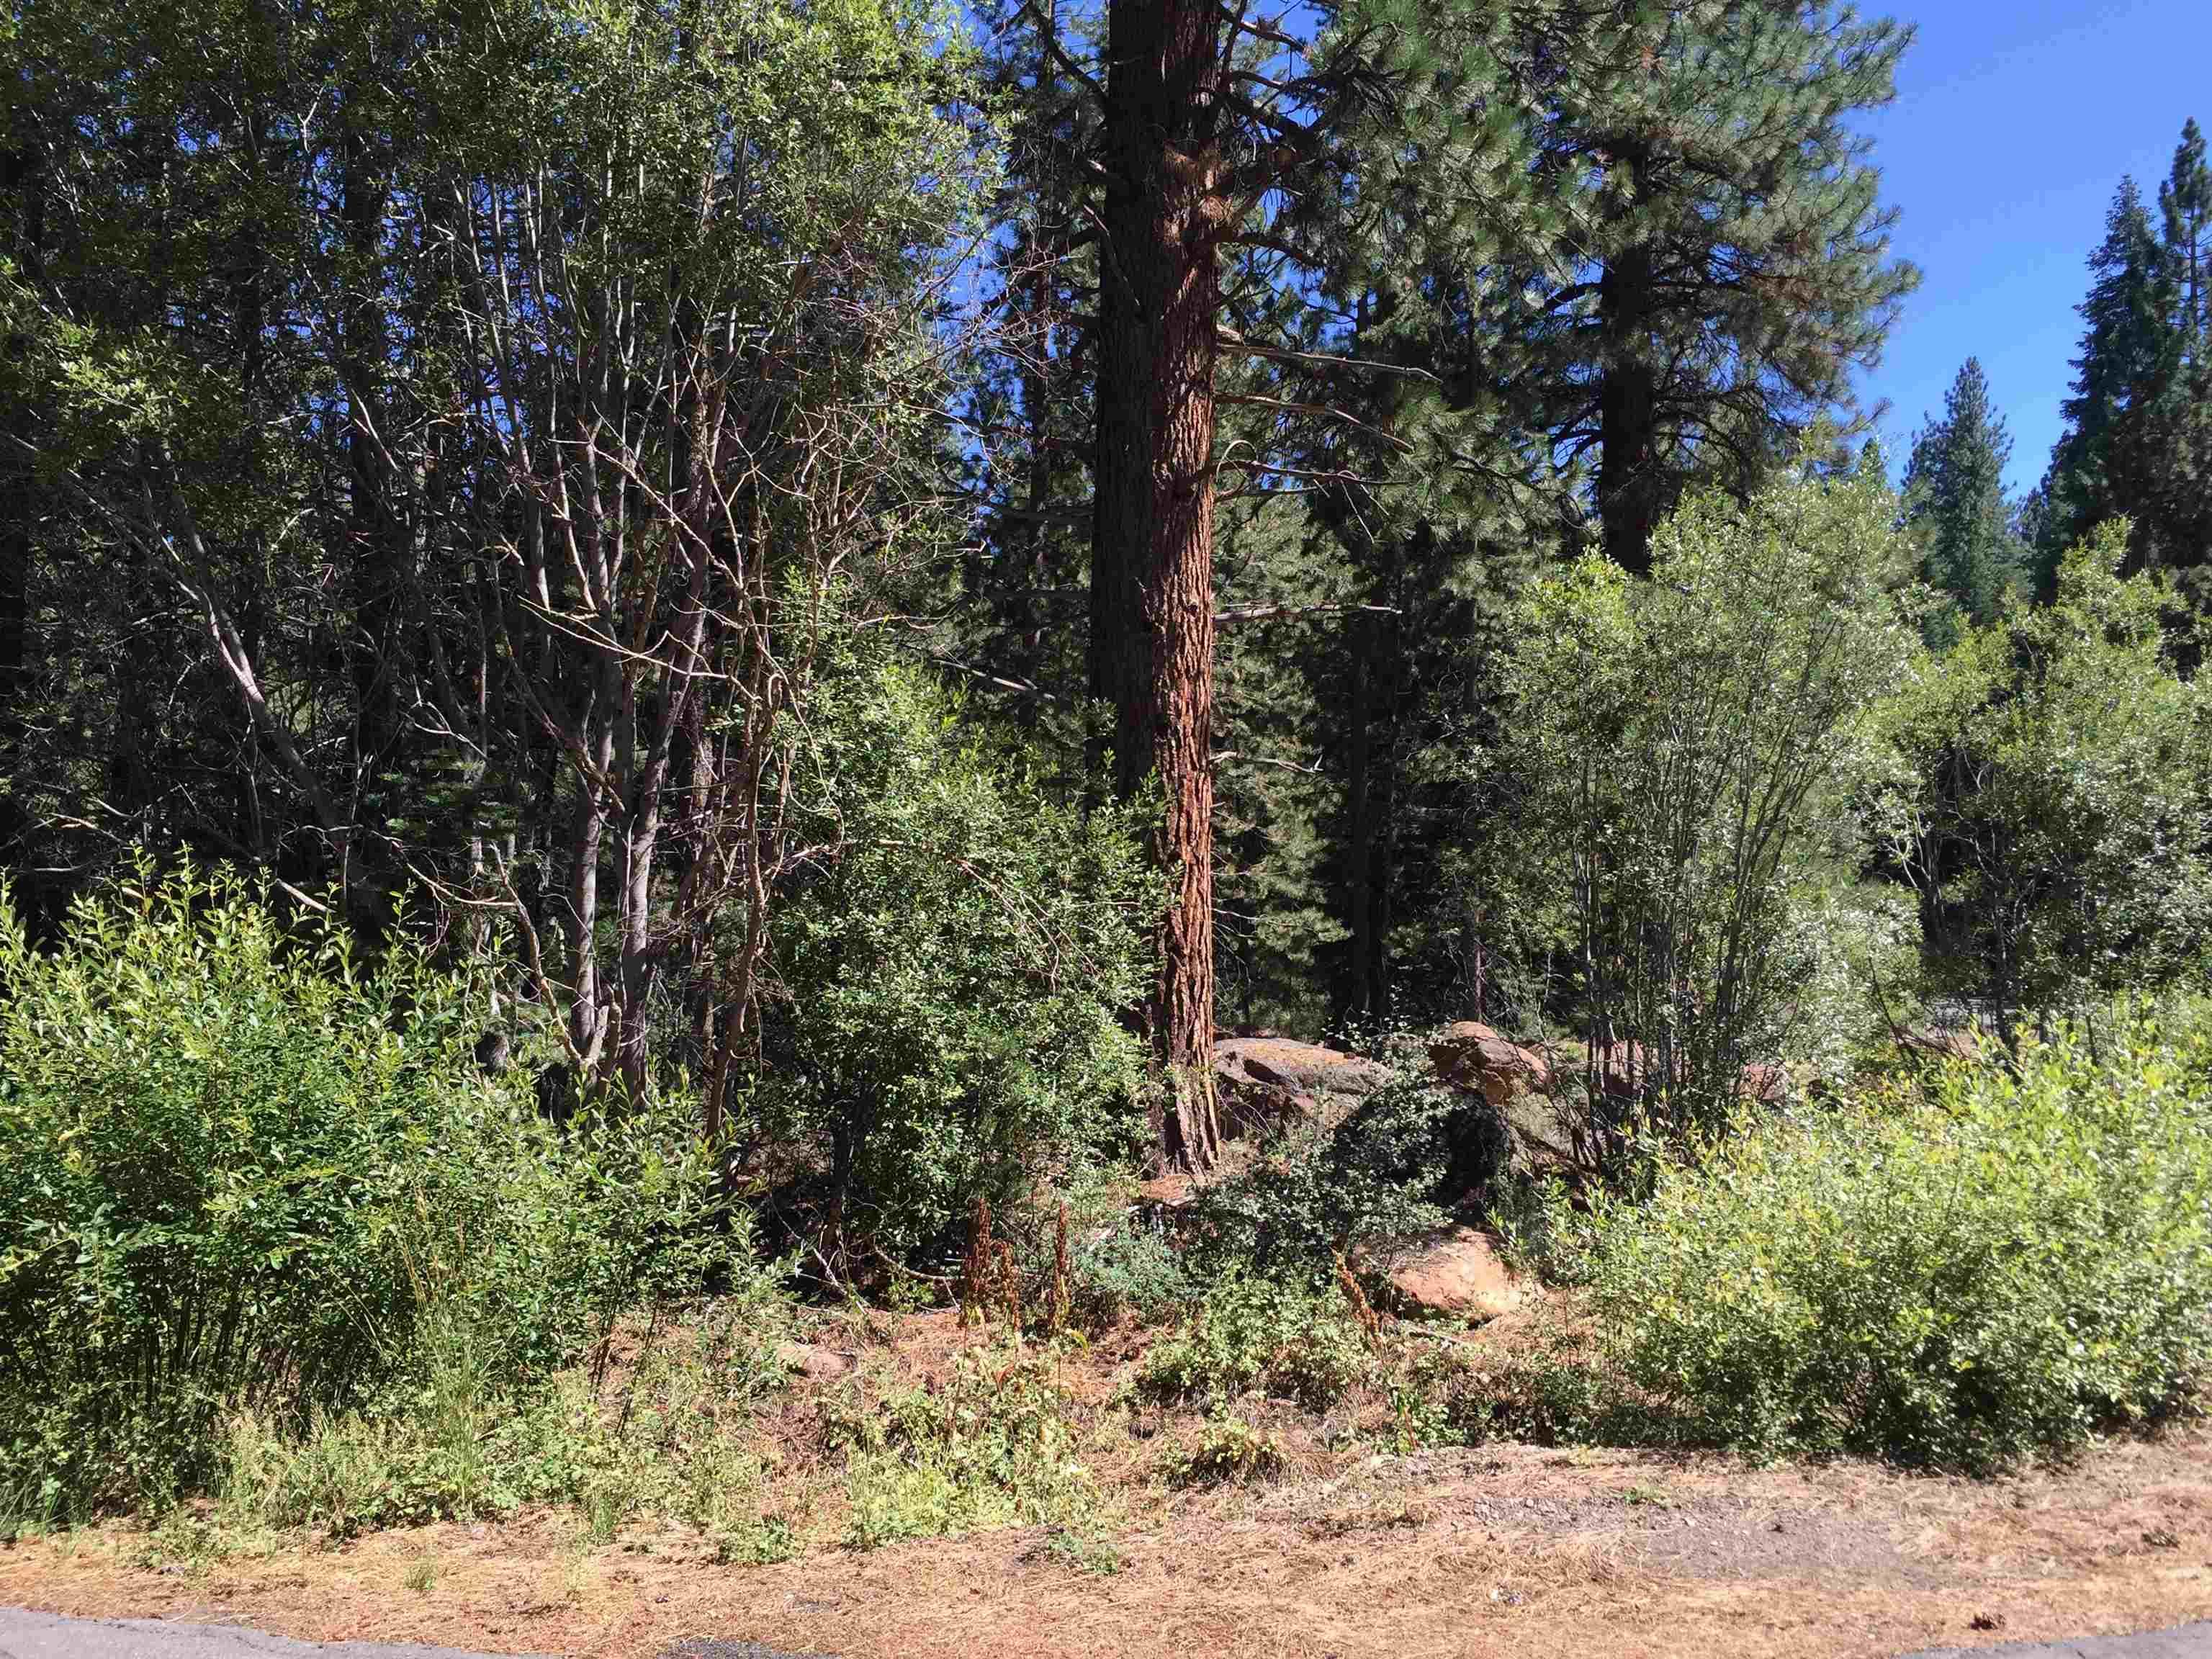 Image for 11215 Tamarack Way, Truckee, CA 96161